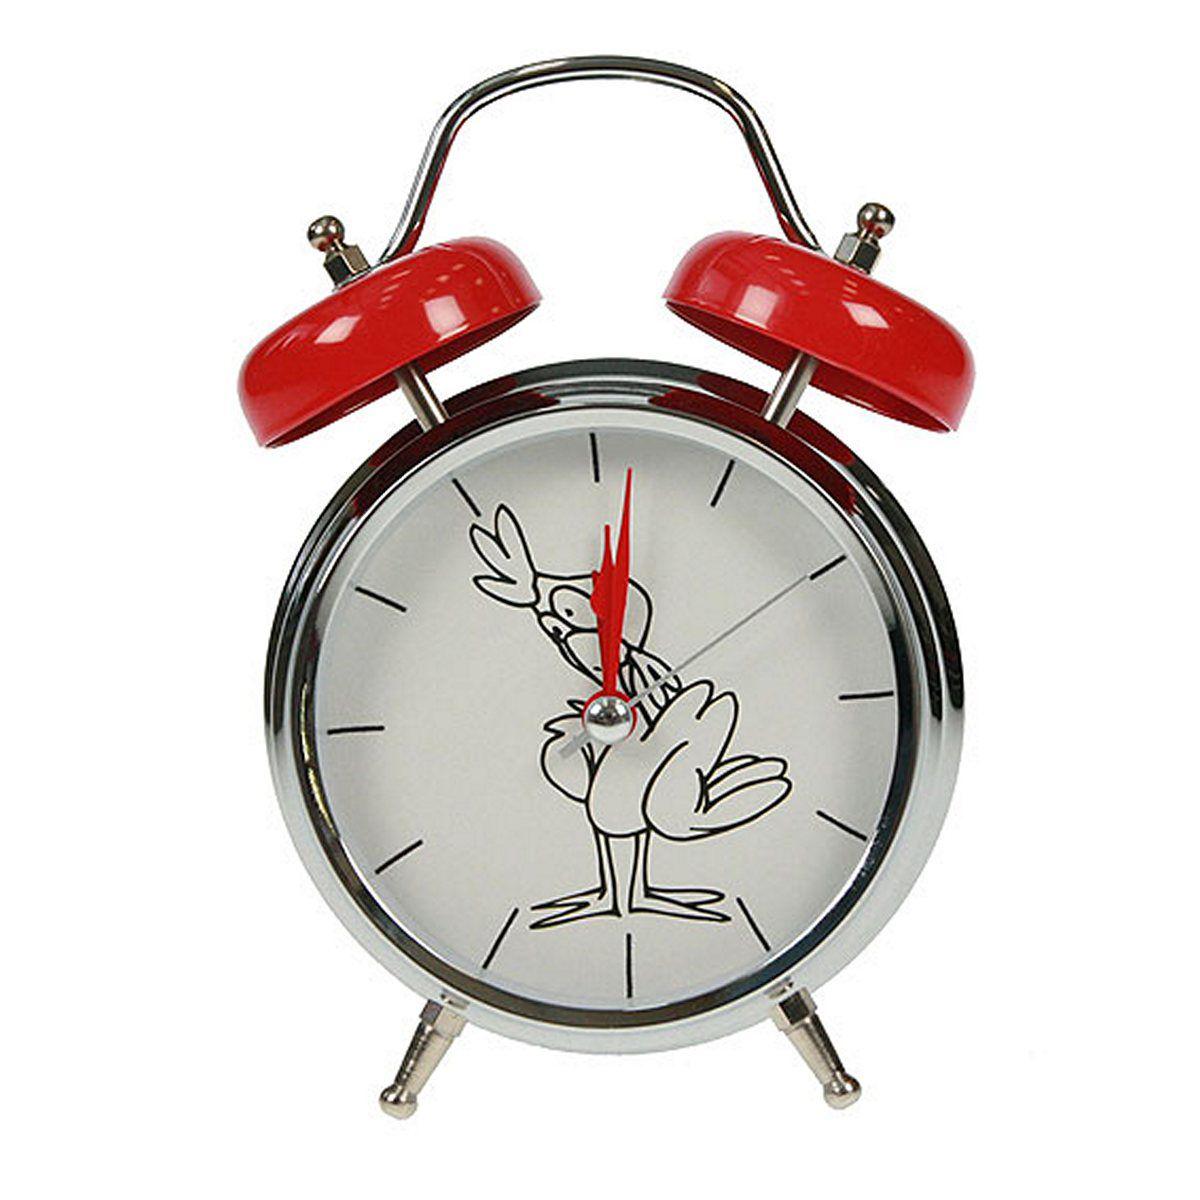 Часы настольные Русские Подарки Петух, с функцией будильника, 12 х 6 х 17 см. 232413300074_ежевикаНастольные кварцевые часы Русские Подарки Петух изготовлены из металла, циферблат защищен стеклом. Оригинальное оформление в виде смешного петуха поднимет настроение, а благодаря функции будильника вы проснетесь вовремя. Часы имеют три стрелки - часовую, минутную и секундную.Такие часы украсят интерьер дома или рабочий стол в офисе. Также часы могут стать уникальным, полезным подарком для родственников, коллег, знакомых и близких.Часы работают от батареек типа АА (в комплект не входят).